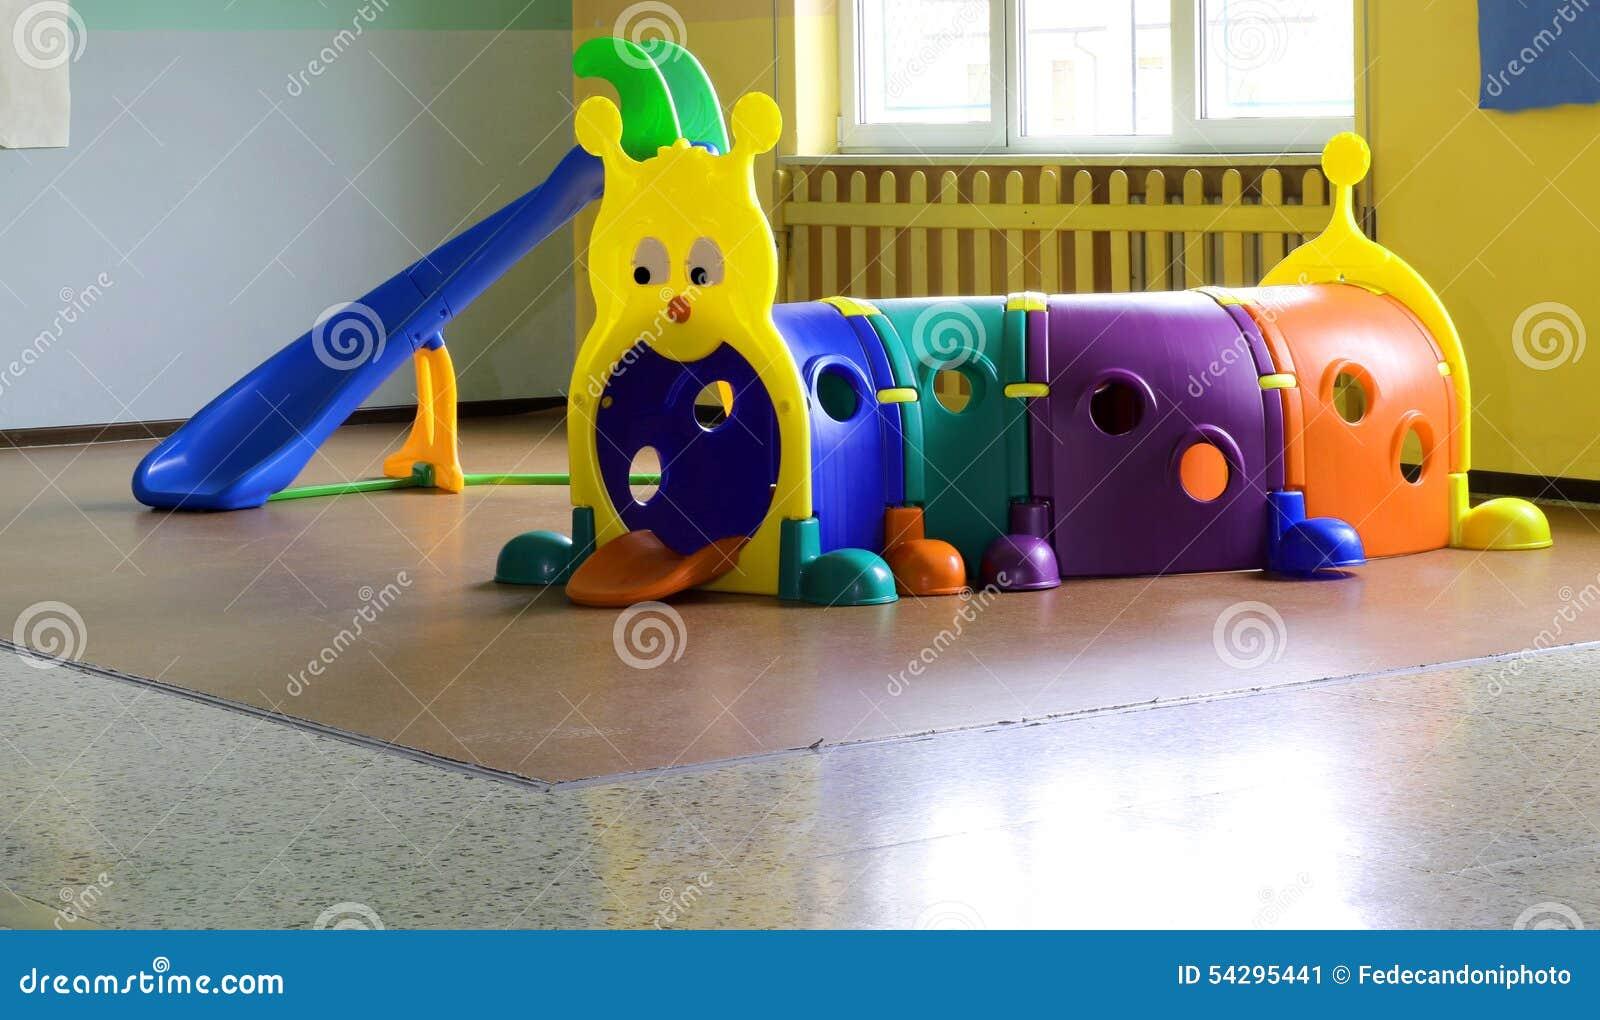 Para El Juego De Niños En Muebles Del Cuarto De Niños Foto de